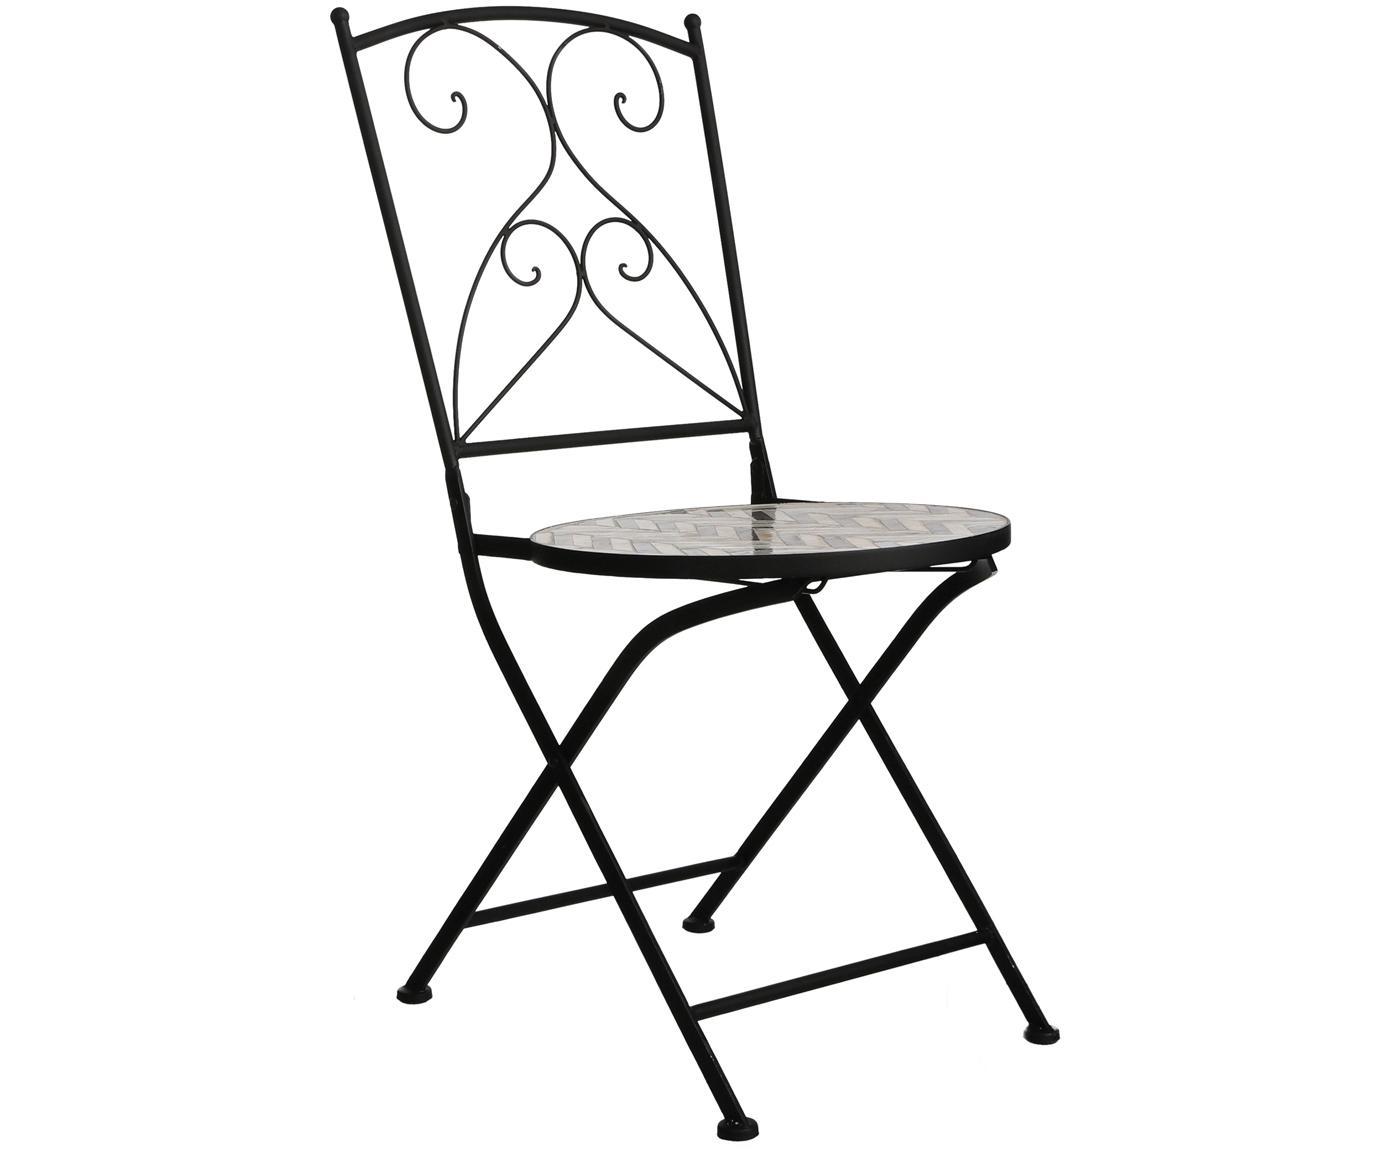 Sillas de balcón Verano, 2uds., Estructura: metal con pintura en polv, Asiento: mosaico de piedras, Gris, blanco, negro, An 40 x F 52 cm